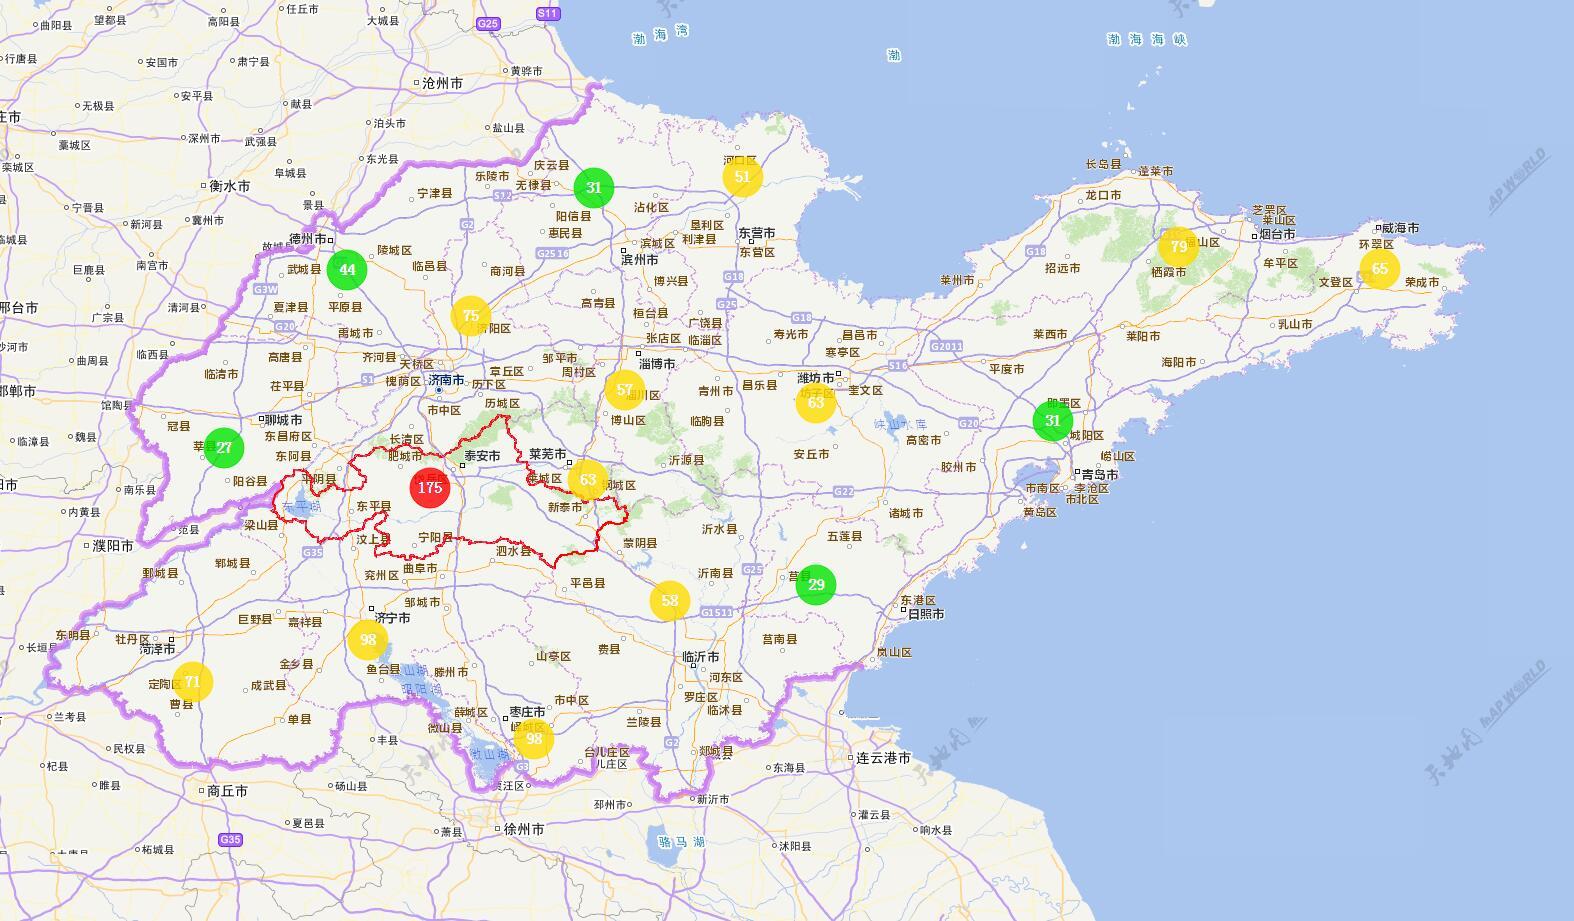 海丽气象吧丨山东:今天降温7℃左右 未来4天雨水频繁